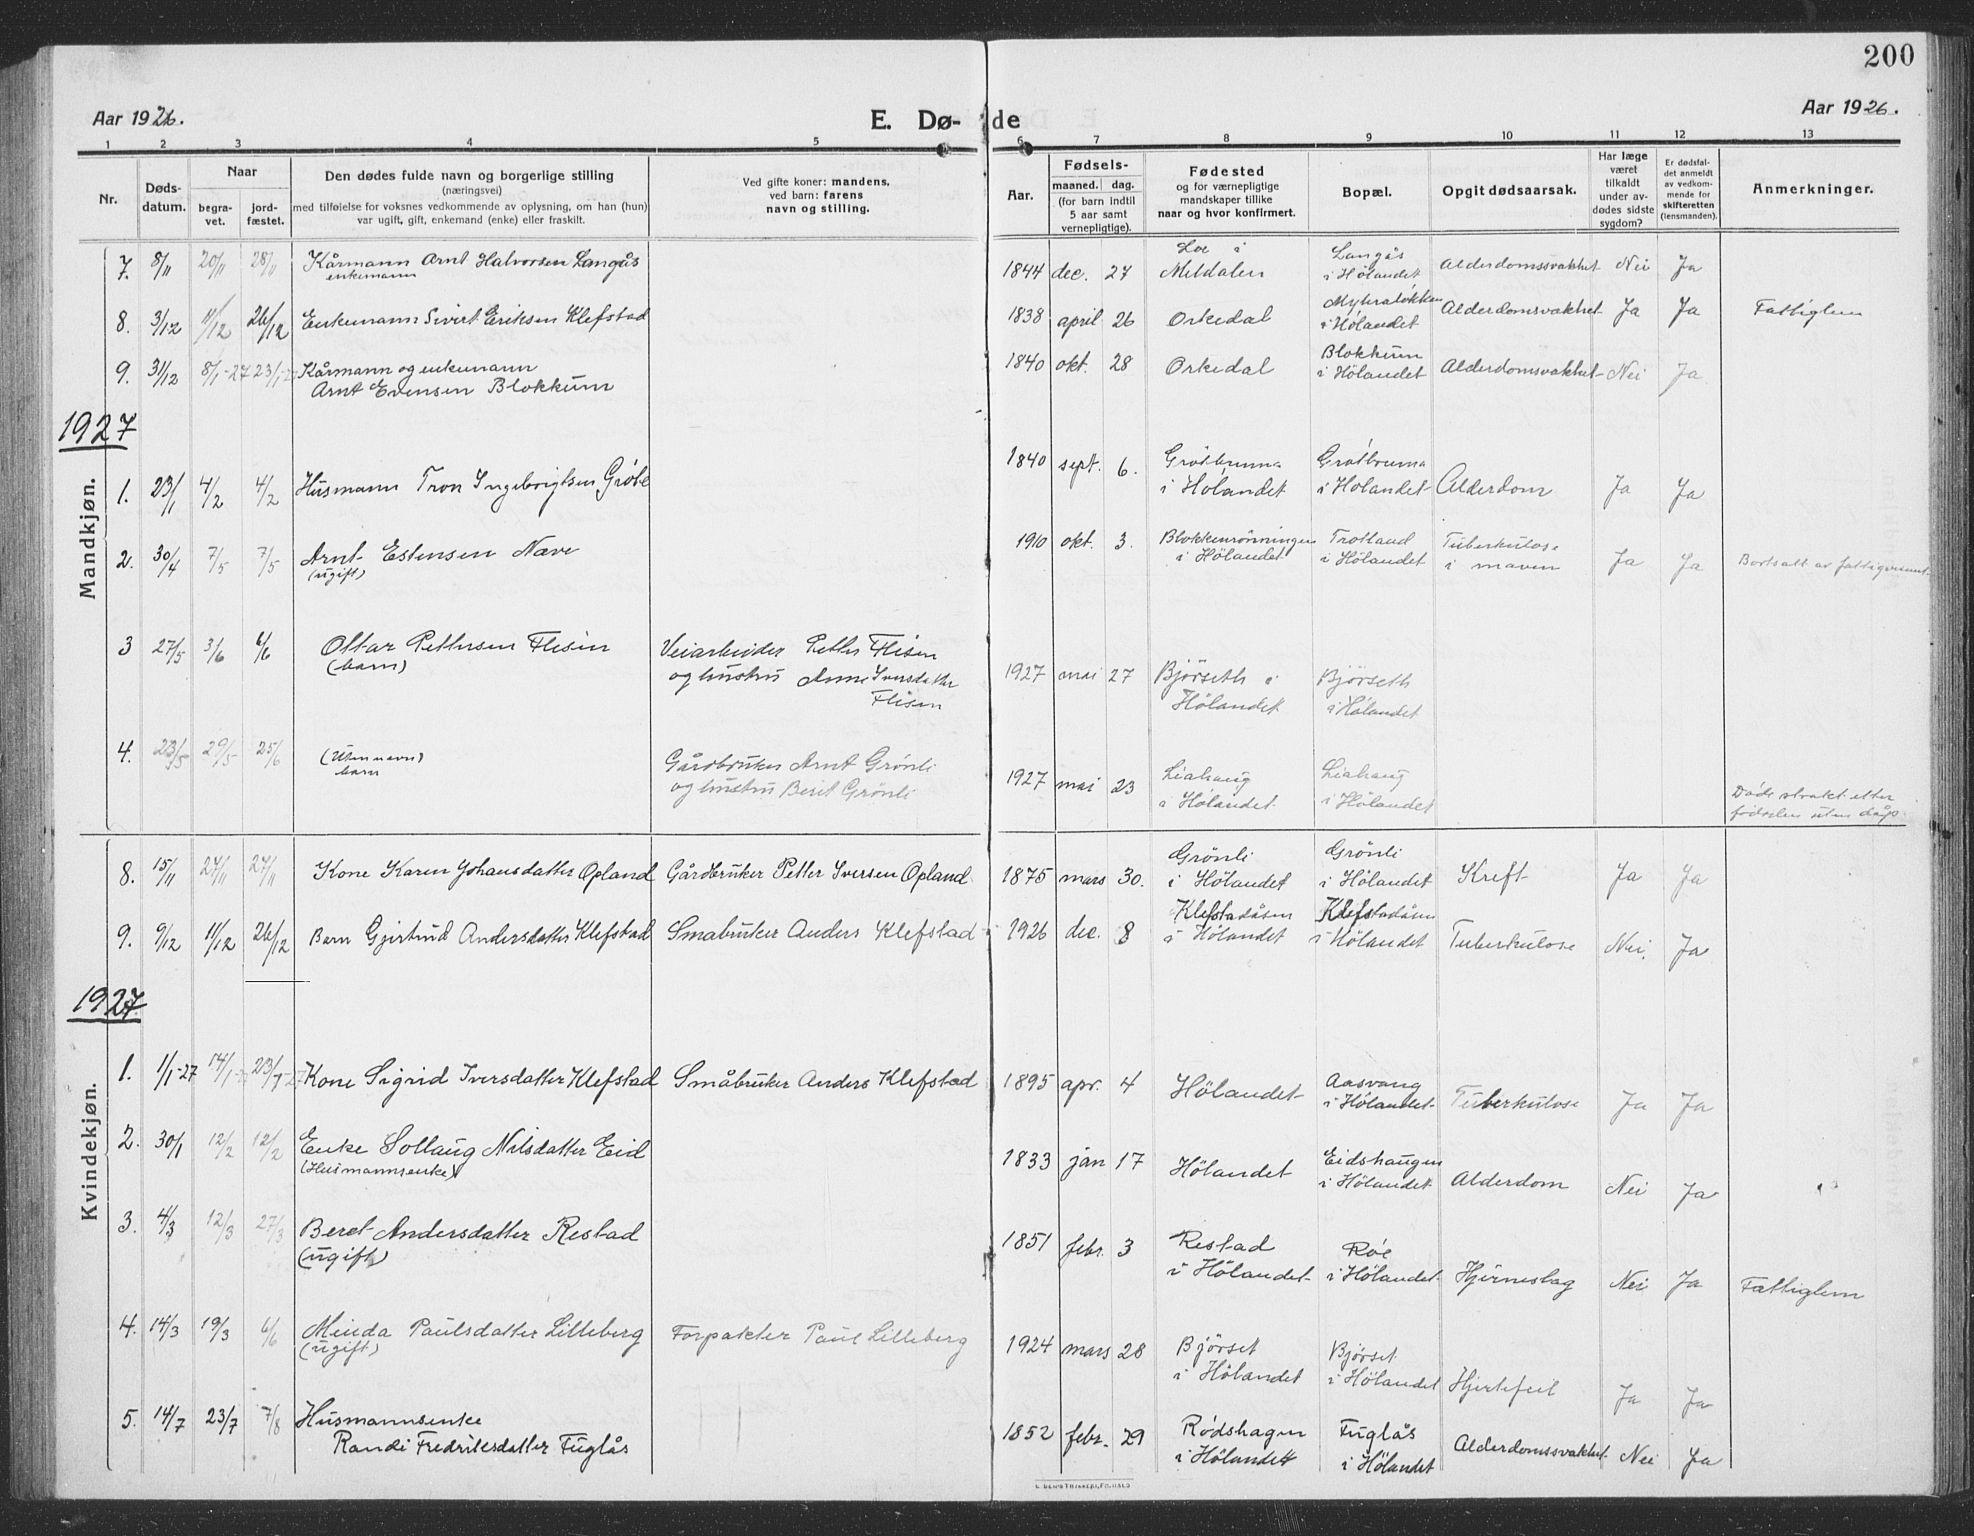 SAT, Ministerialprotokoller, klokkerbøker og fødselsregistre - Sør-Trøndelag, 694/L1134: Klokkerbok nr. 694C06, 1915-1937, s. 200